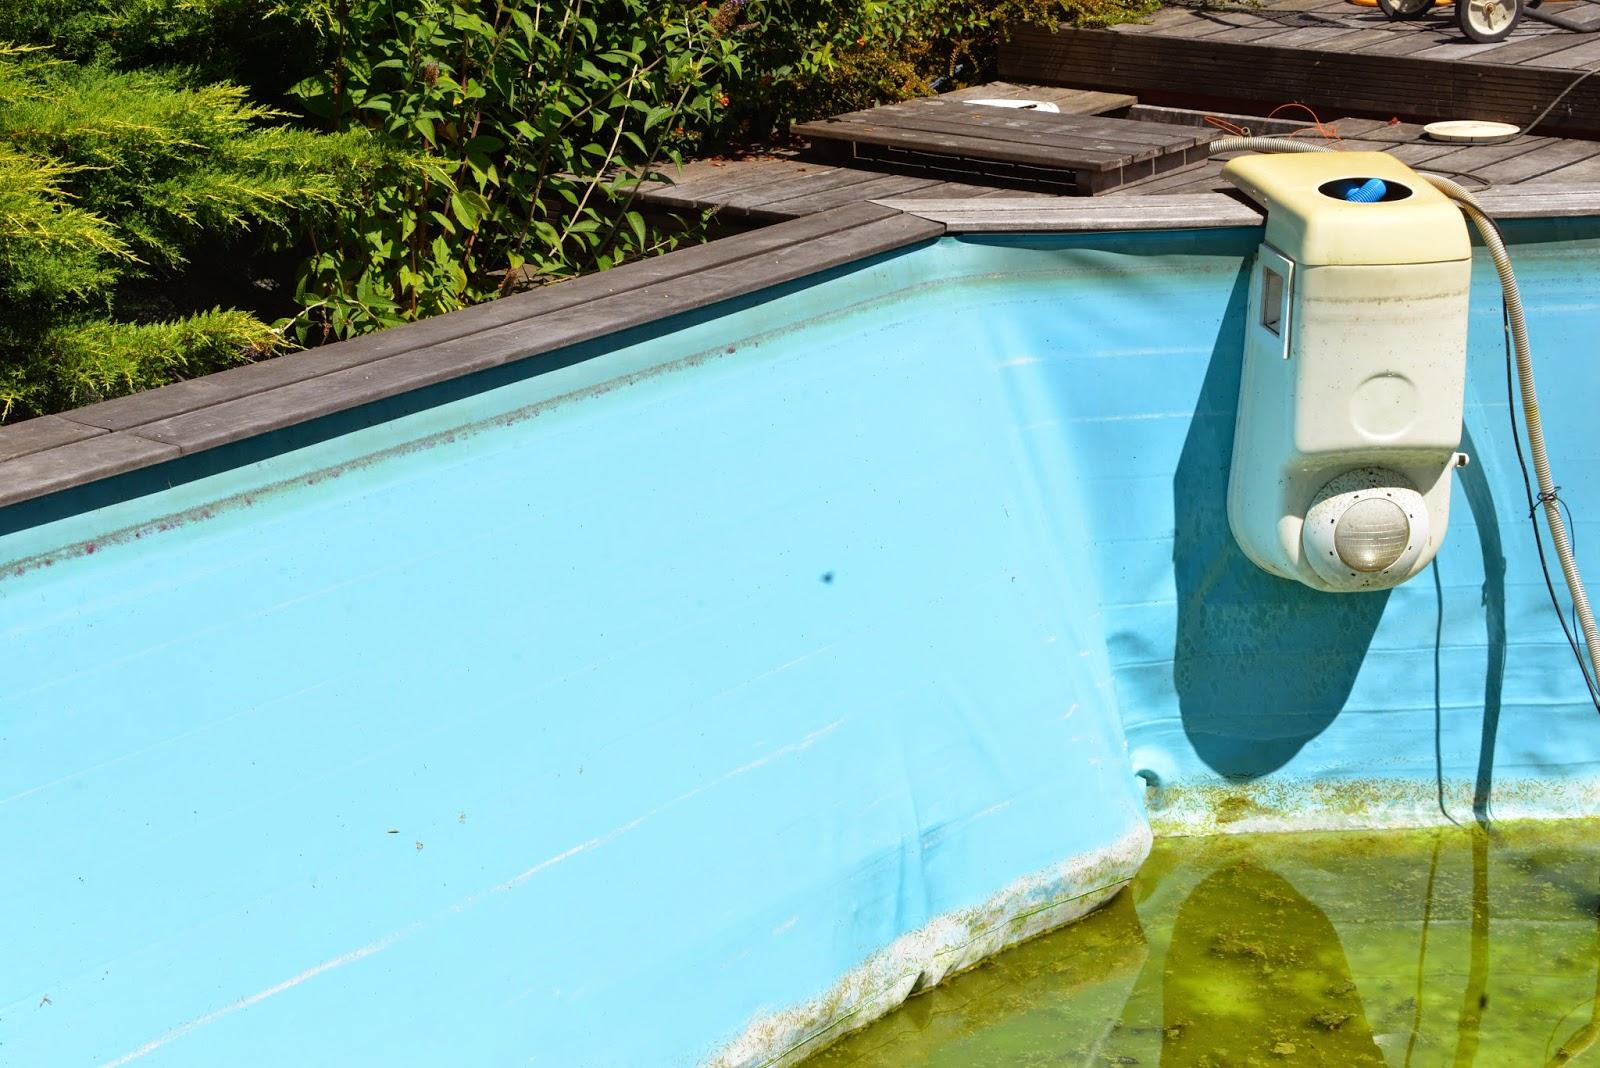 piscine bois qui se deforme